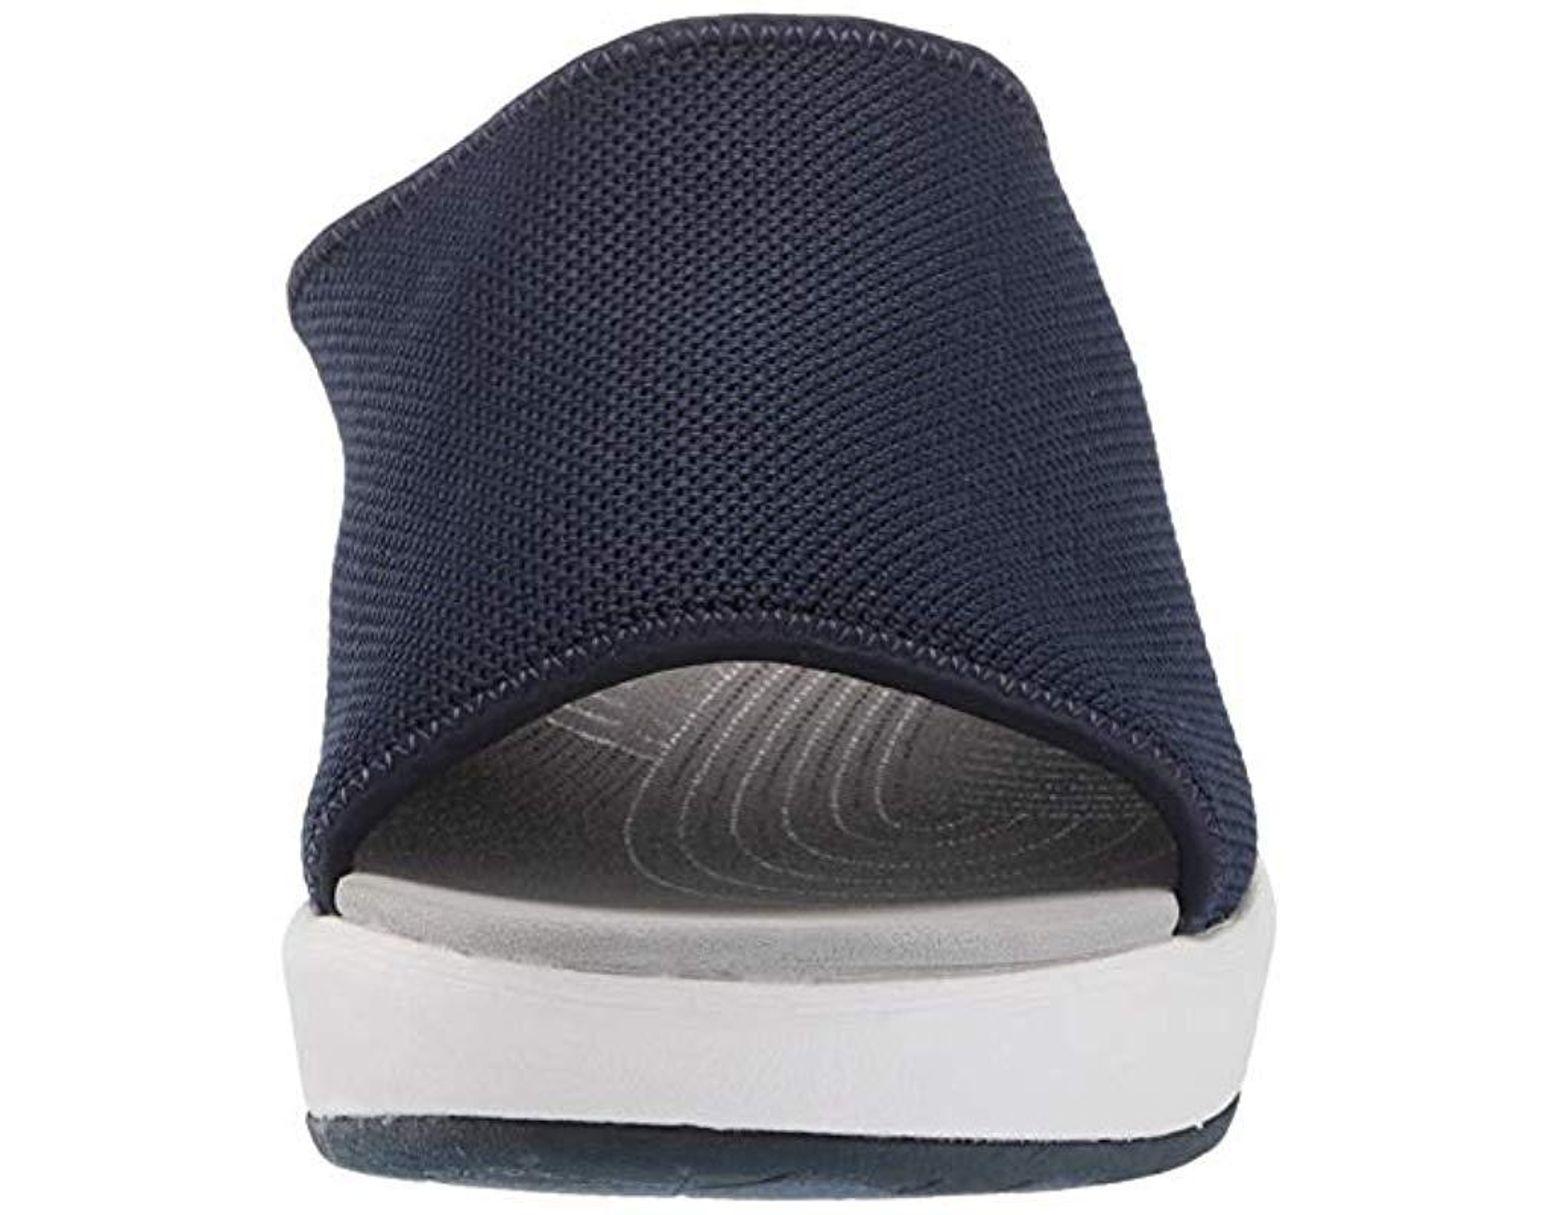 0fdcfa554fab Lyst - Clarks Step Cali Bay Sandal in Blue